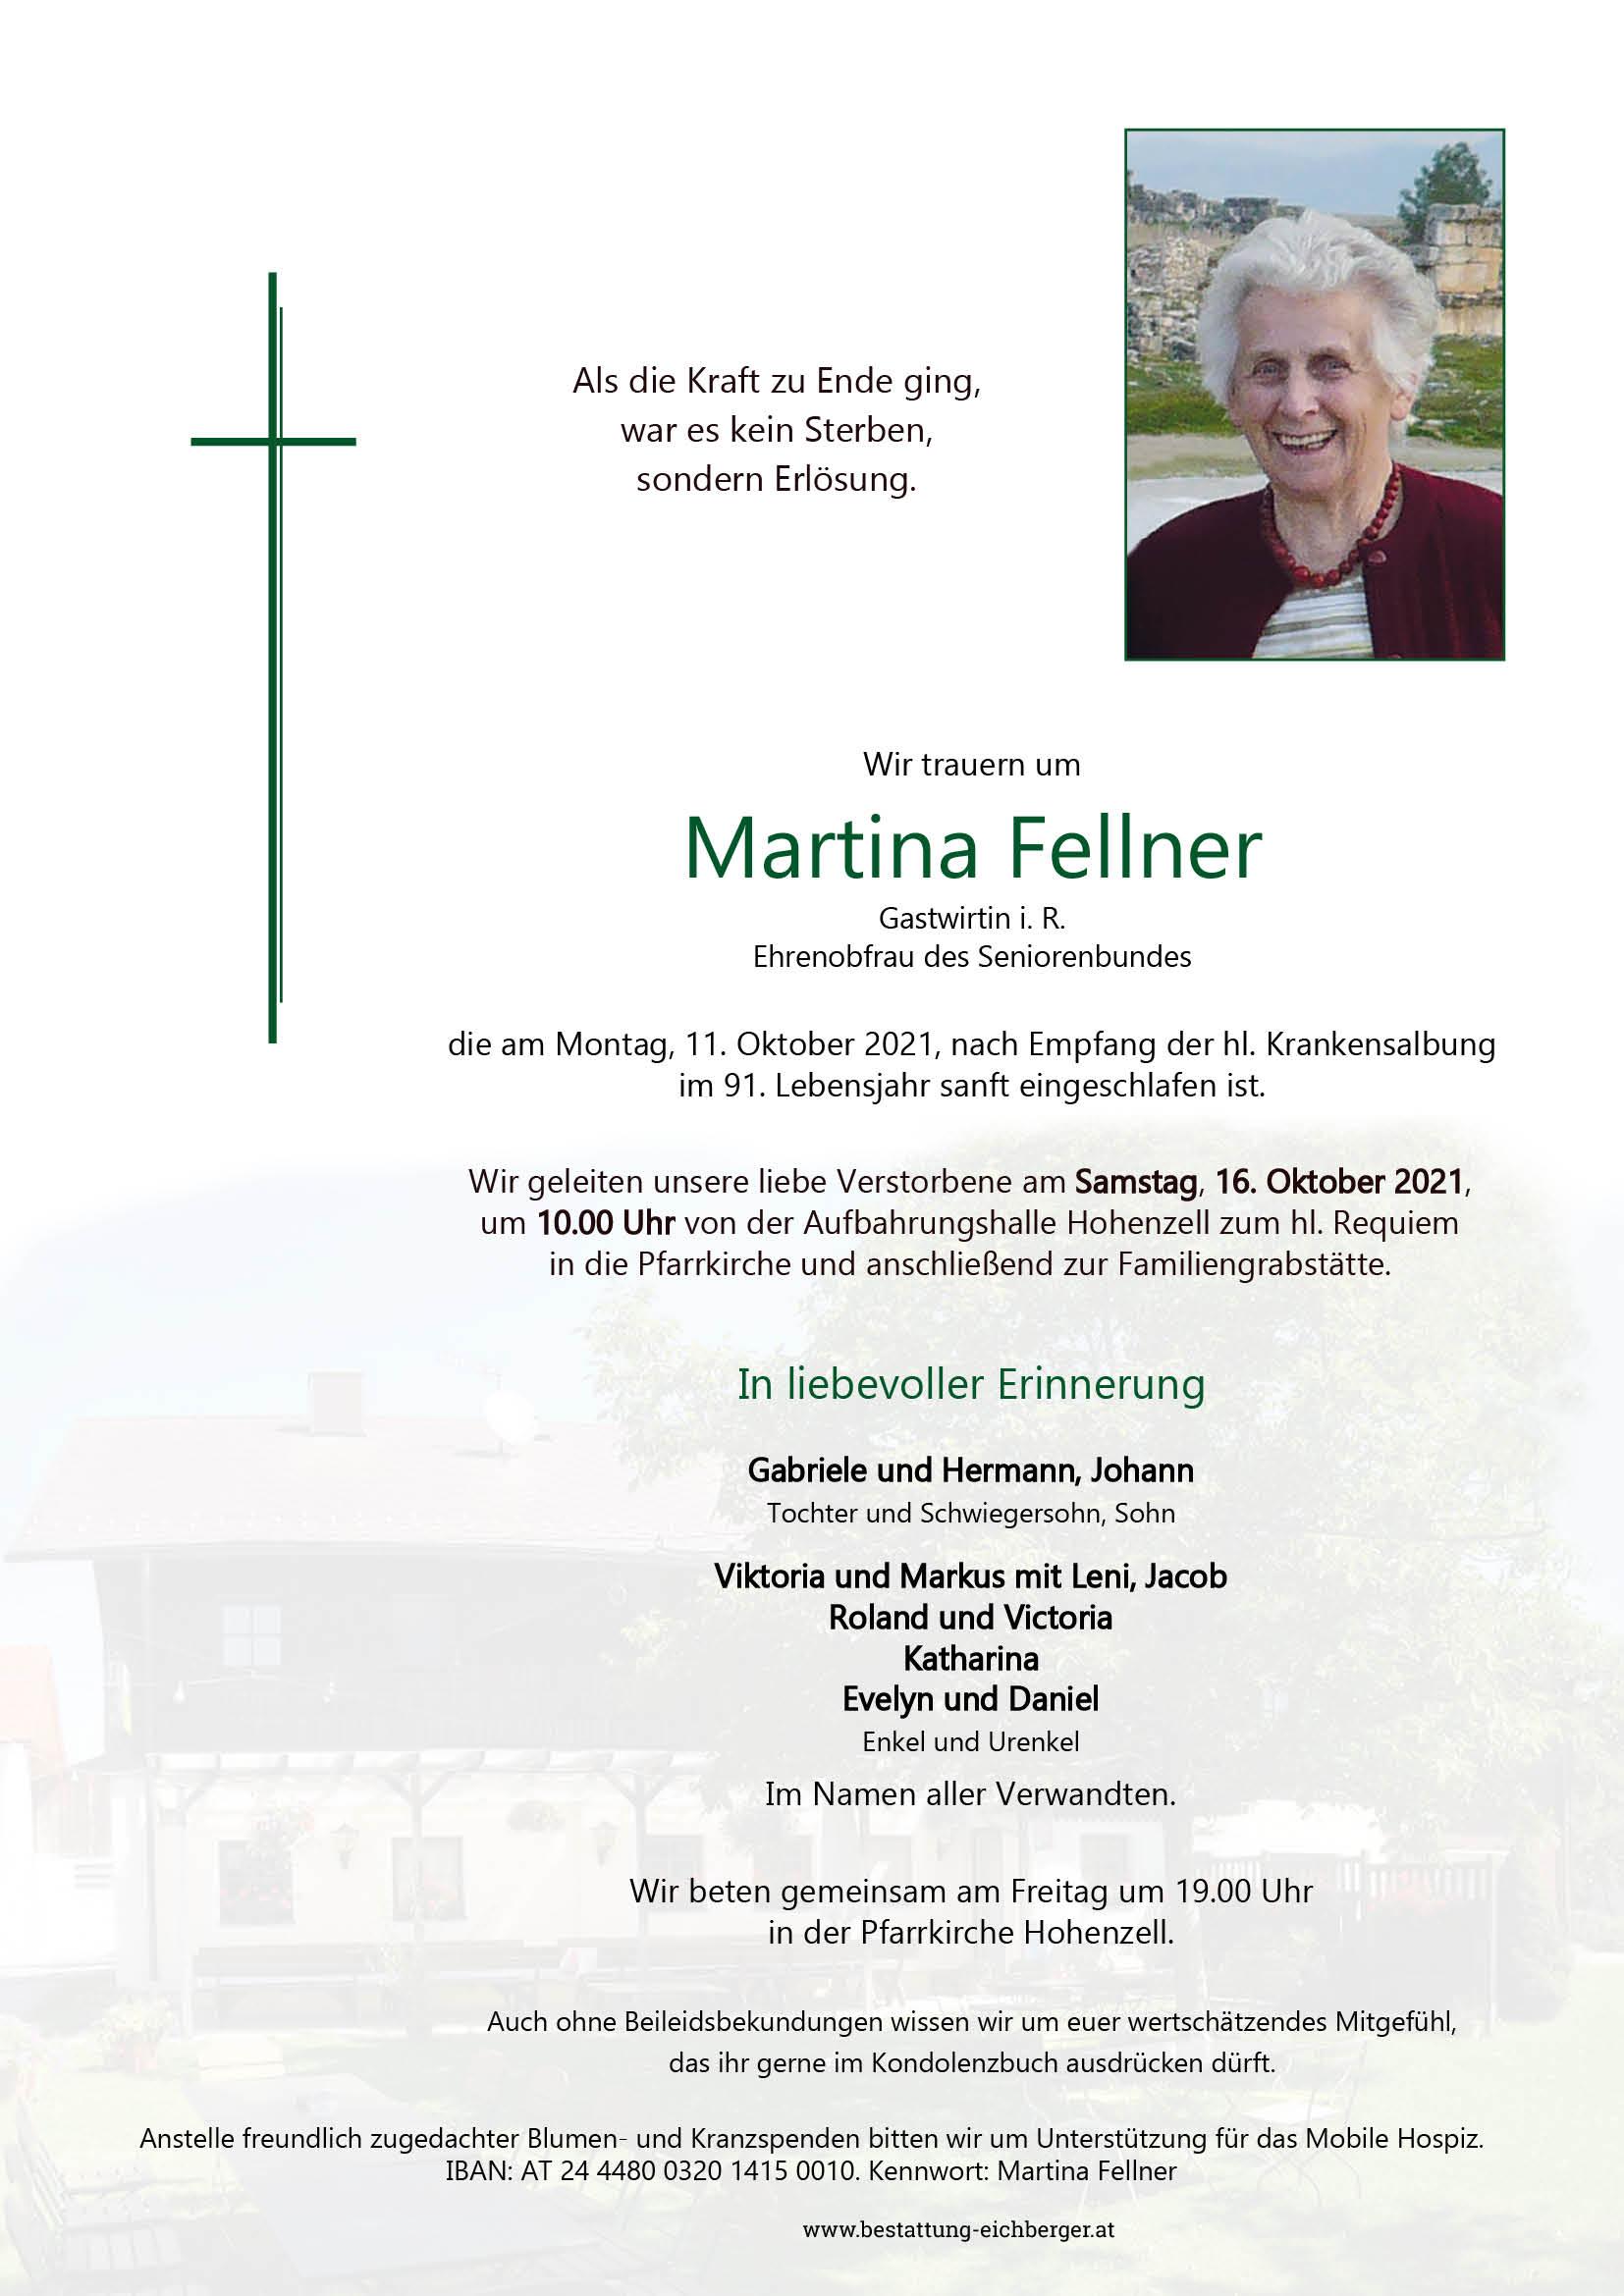 parte_fellner-martina